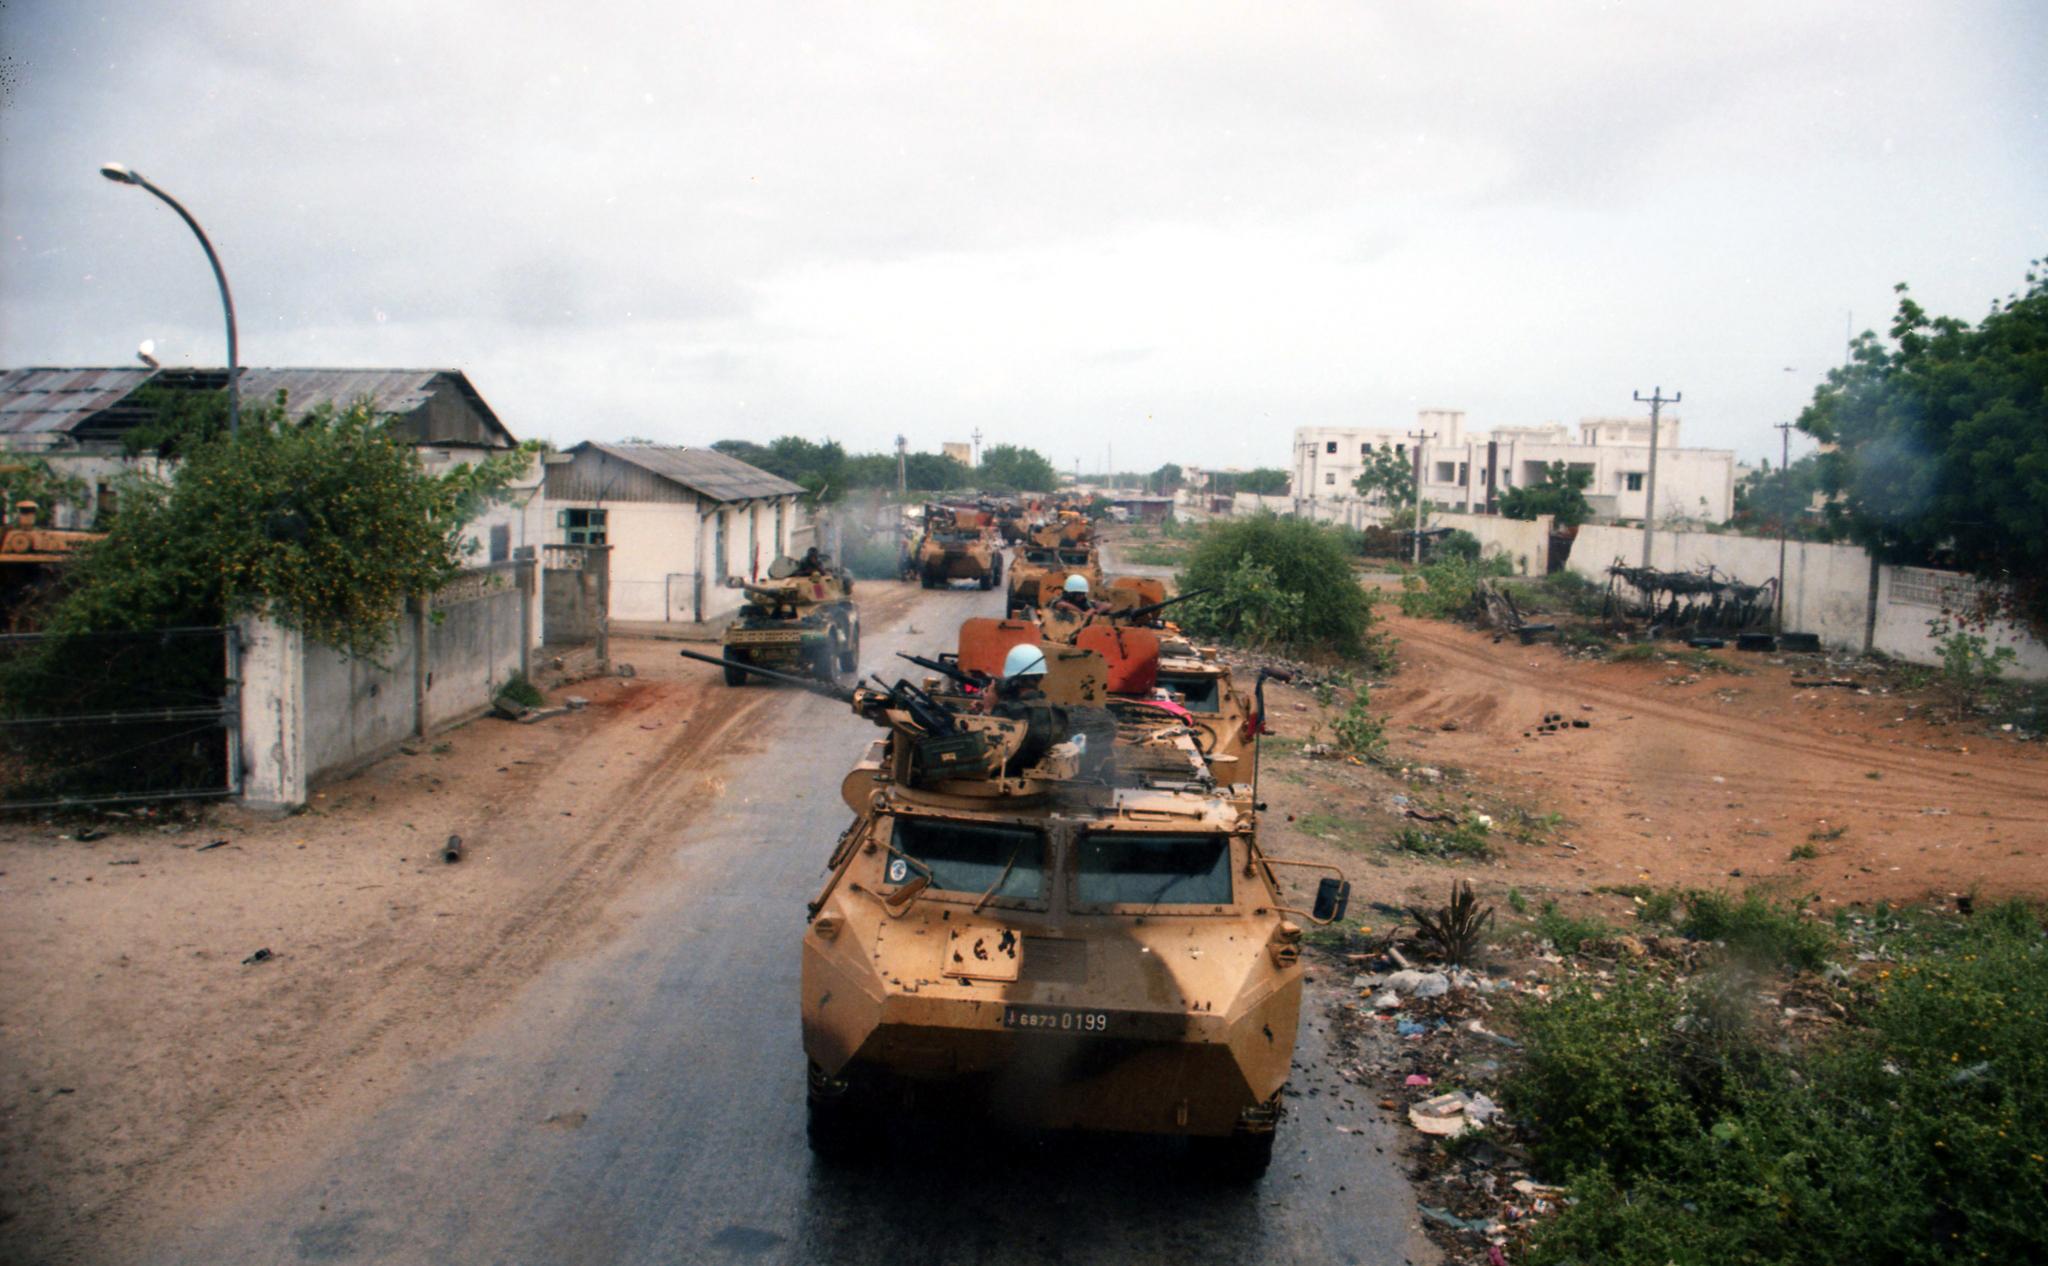 Les FAR en Somalie - Page 2 47056320374_2c127a89b7_o